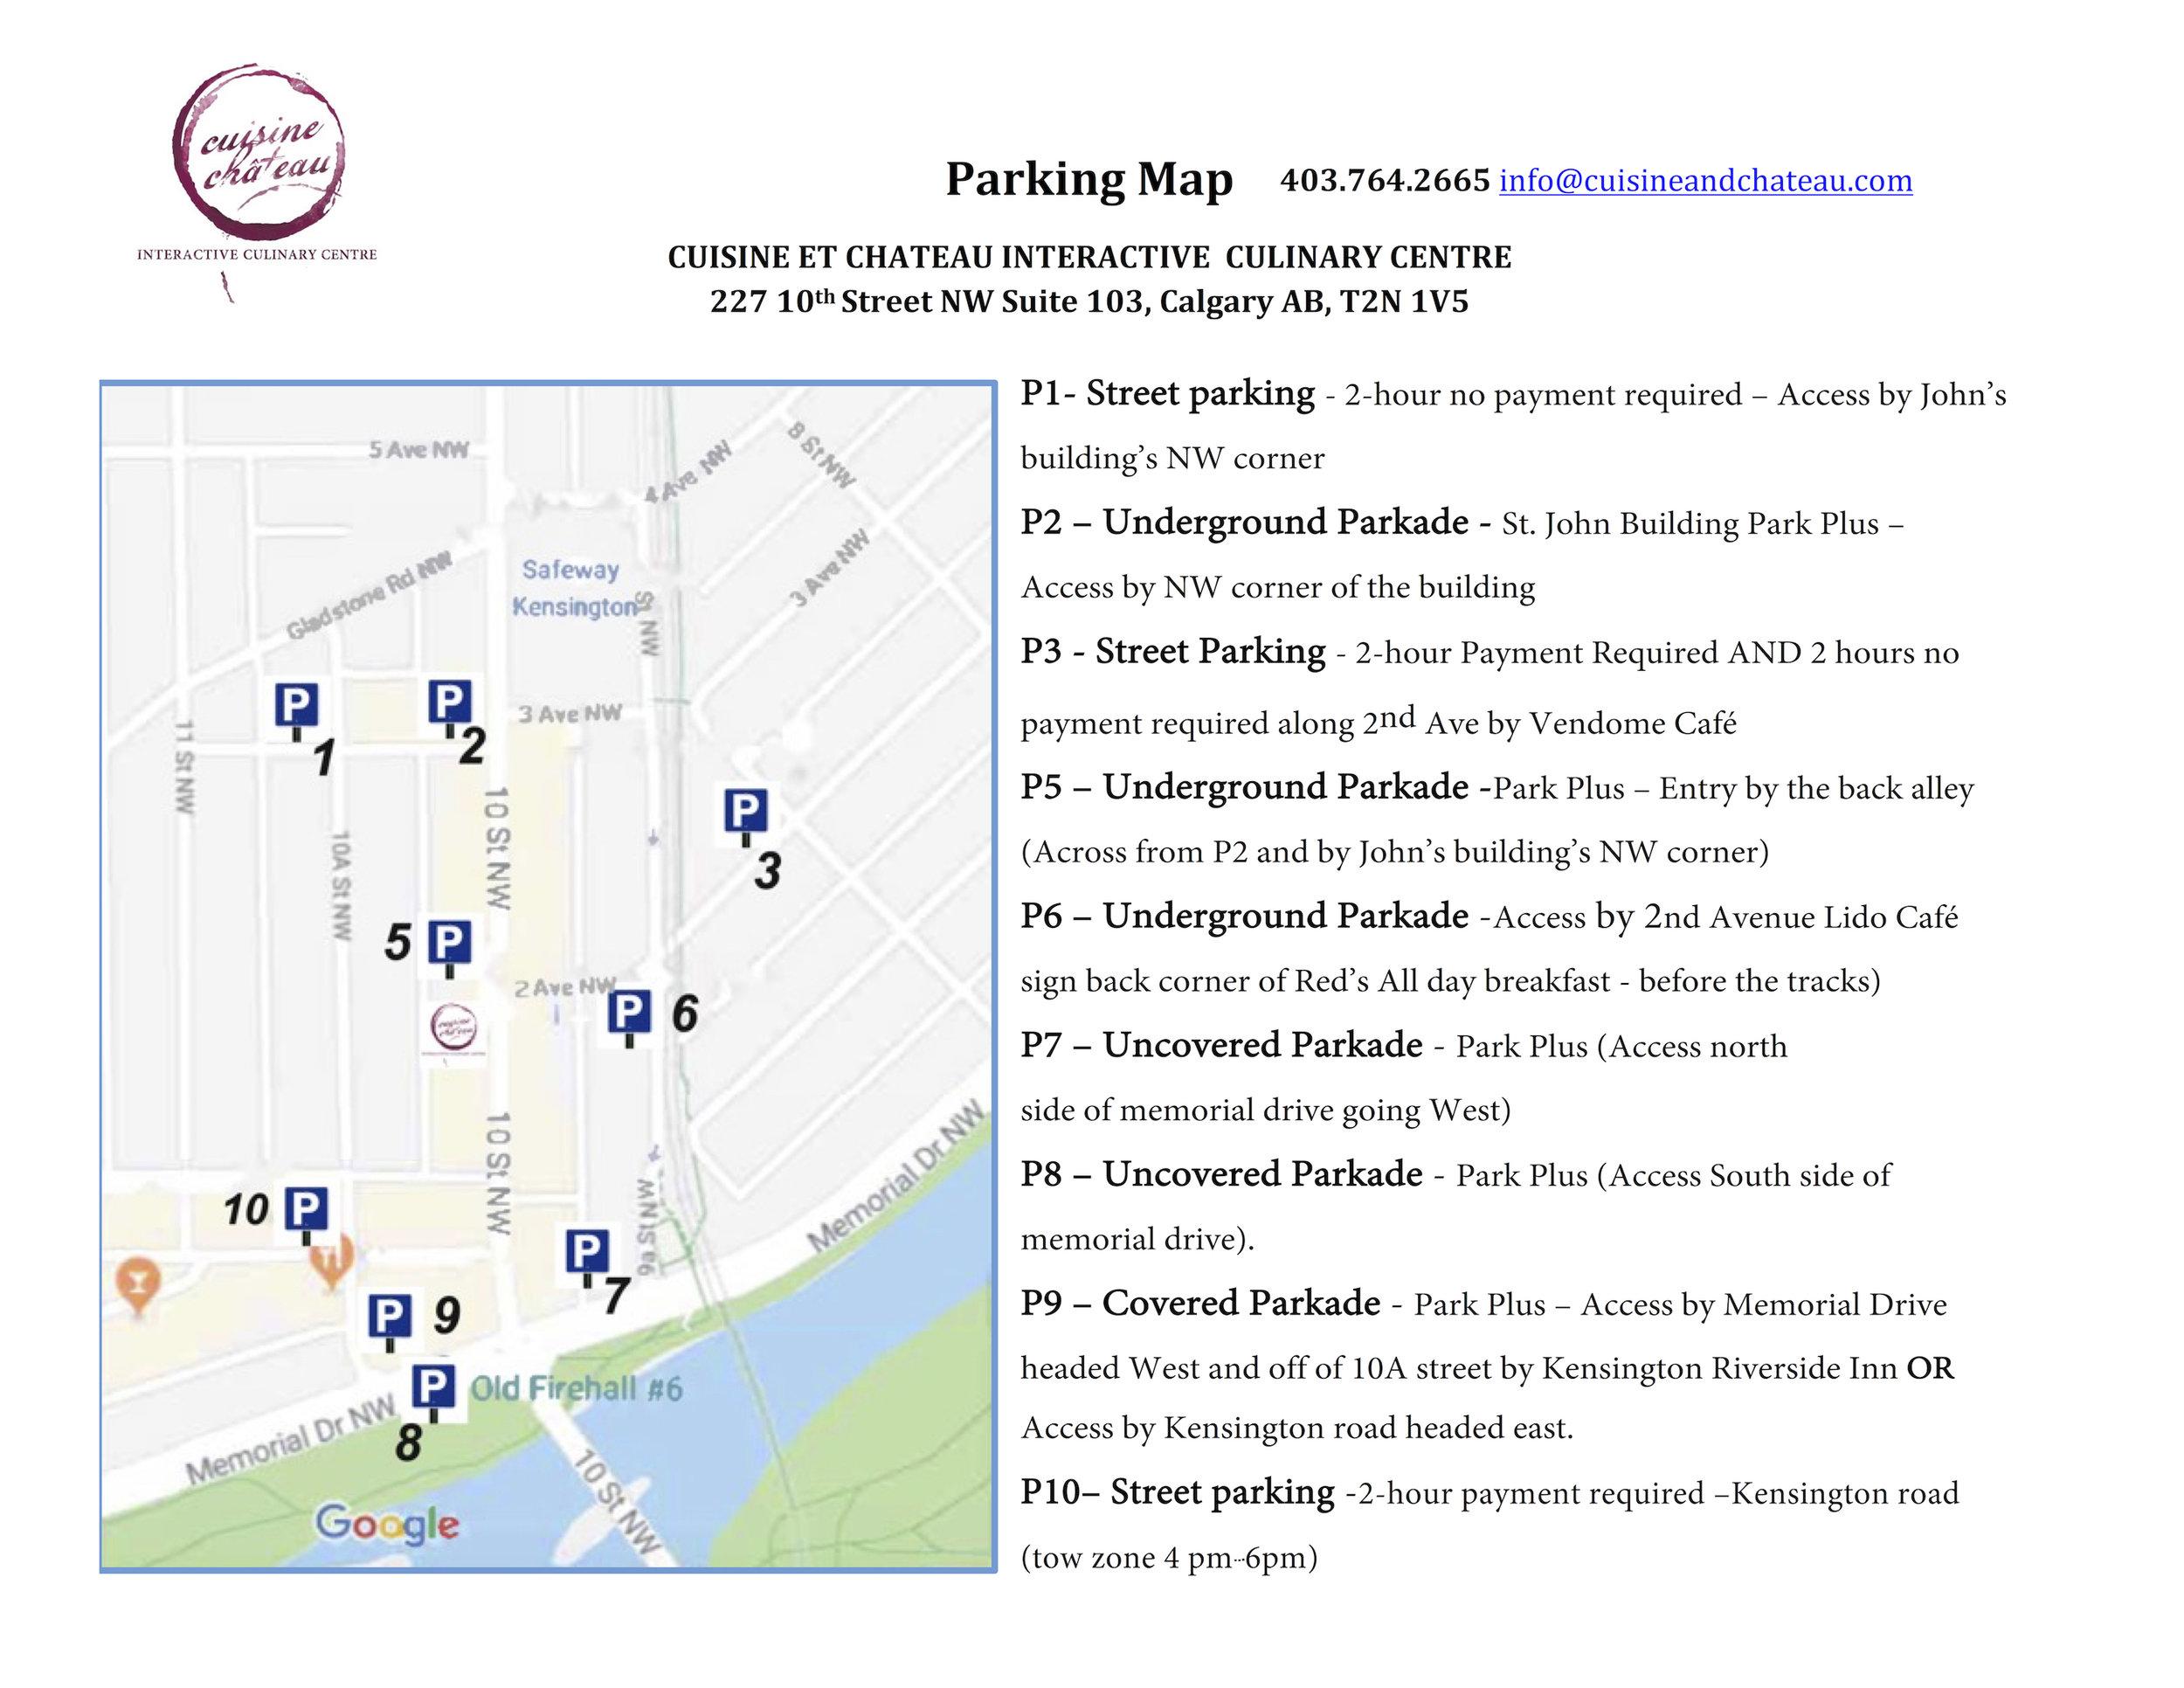 Parking Map Cuisine et Chateau